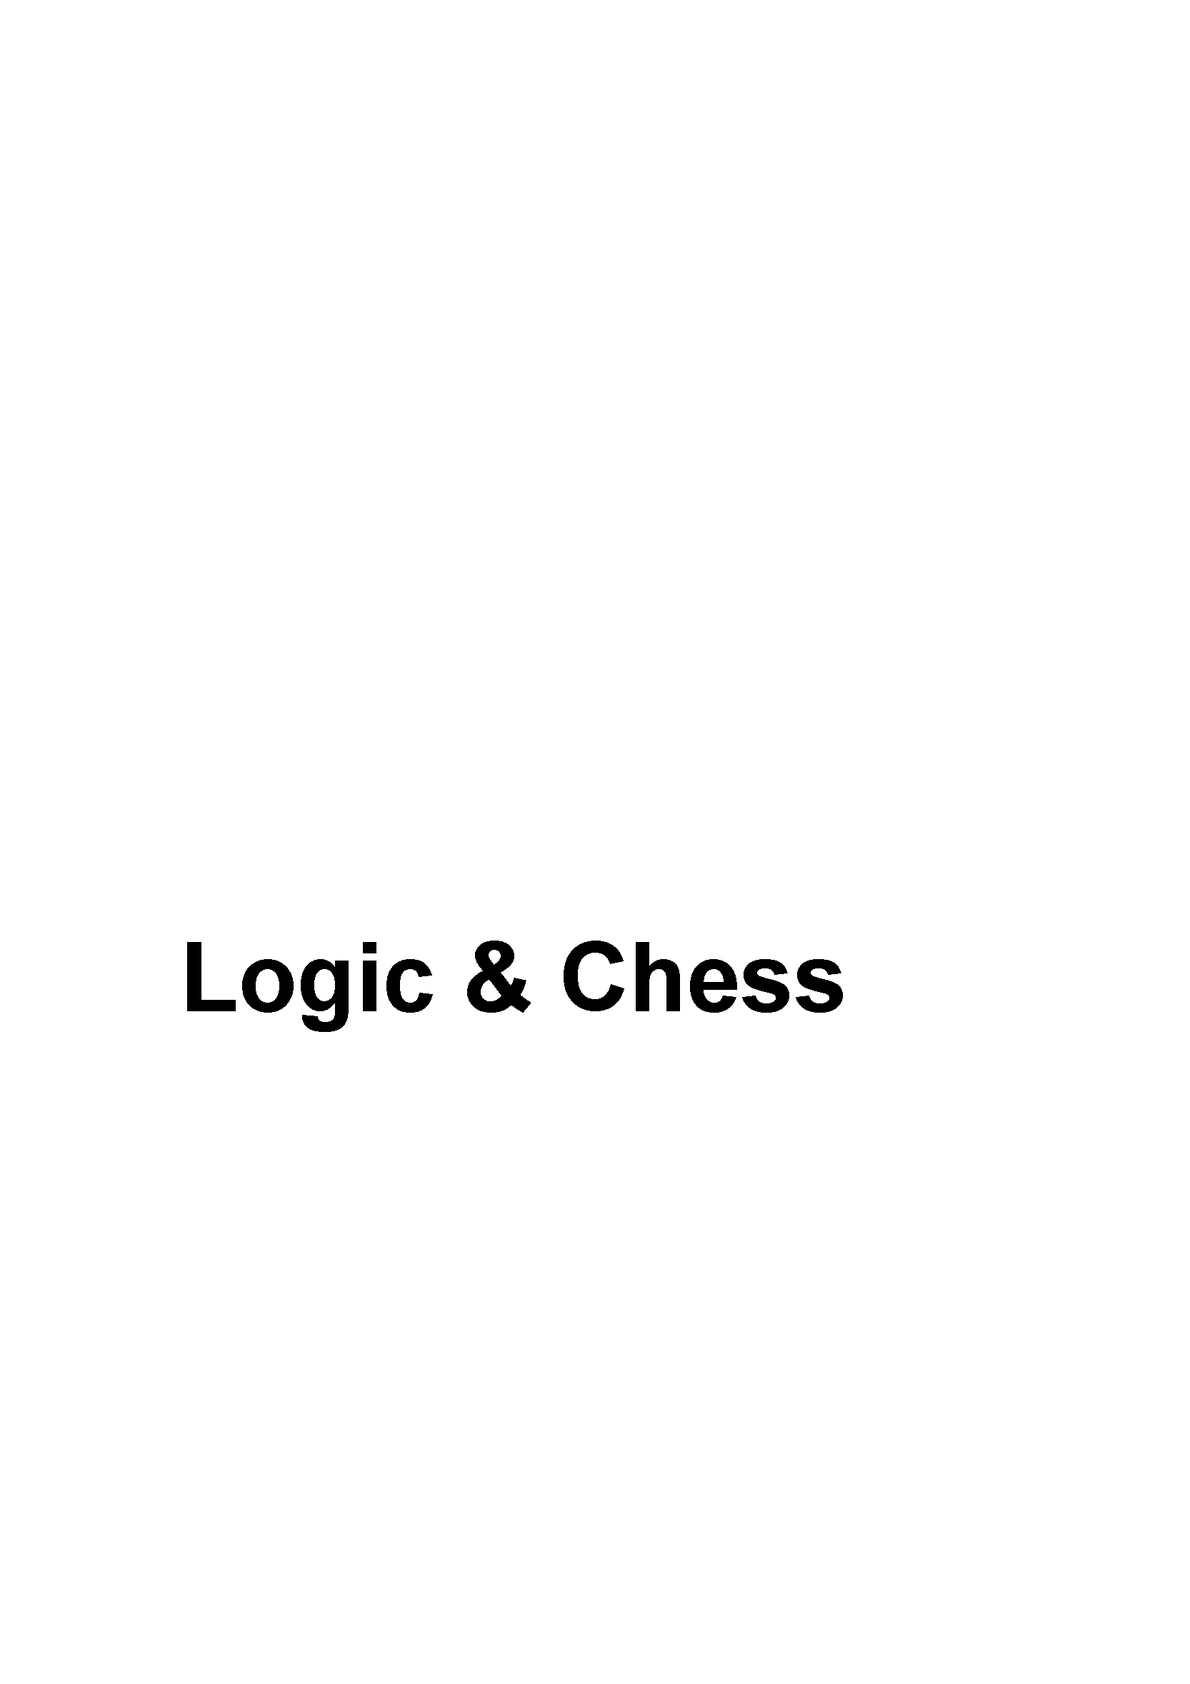 Calamo Chess Beginner Modificado Four Move Checkmate Diagram